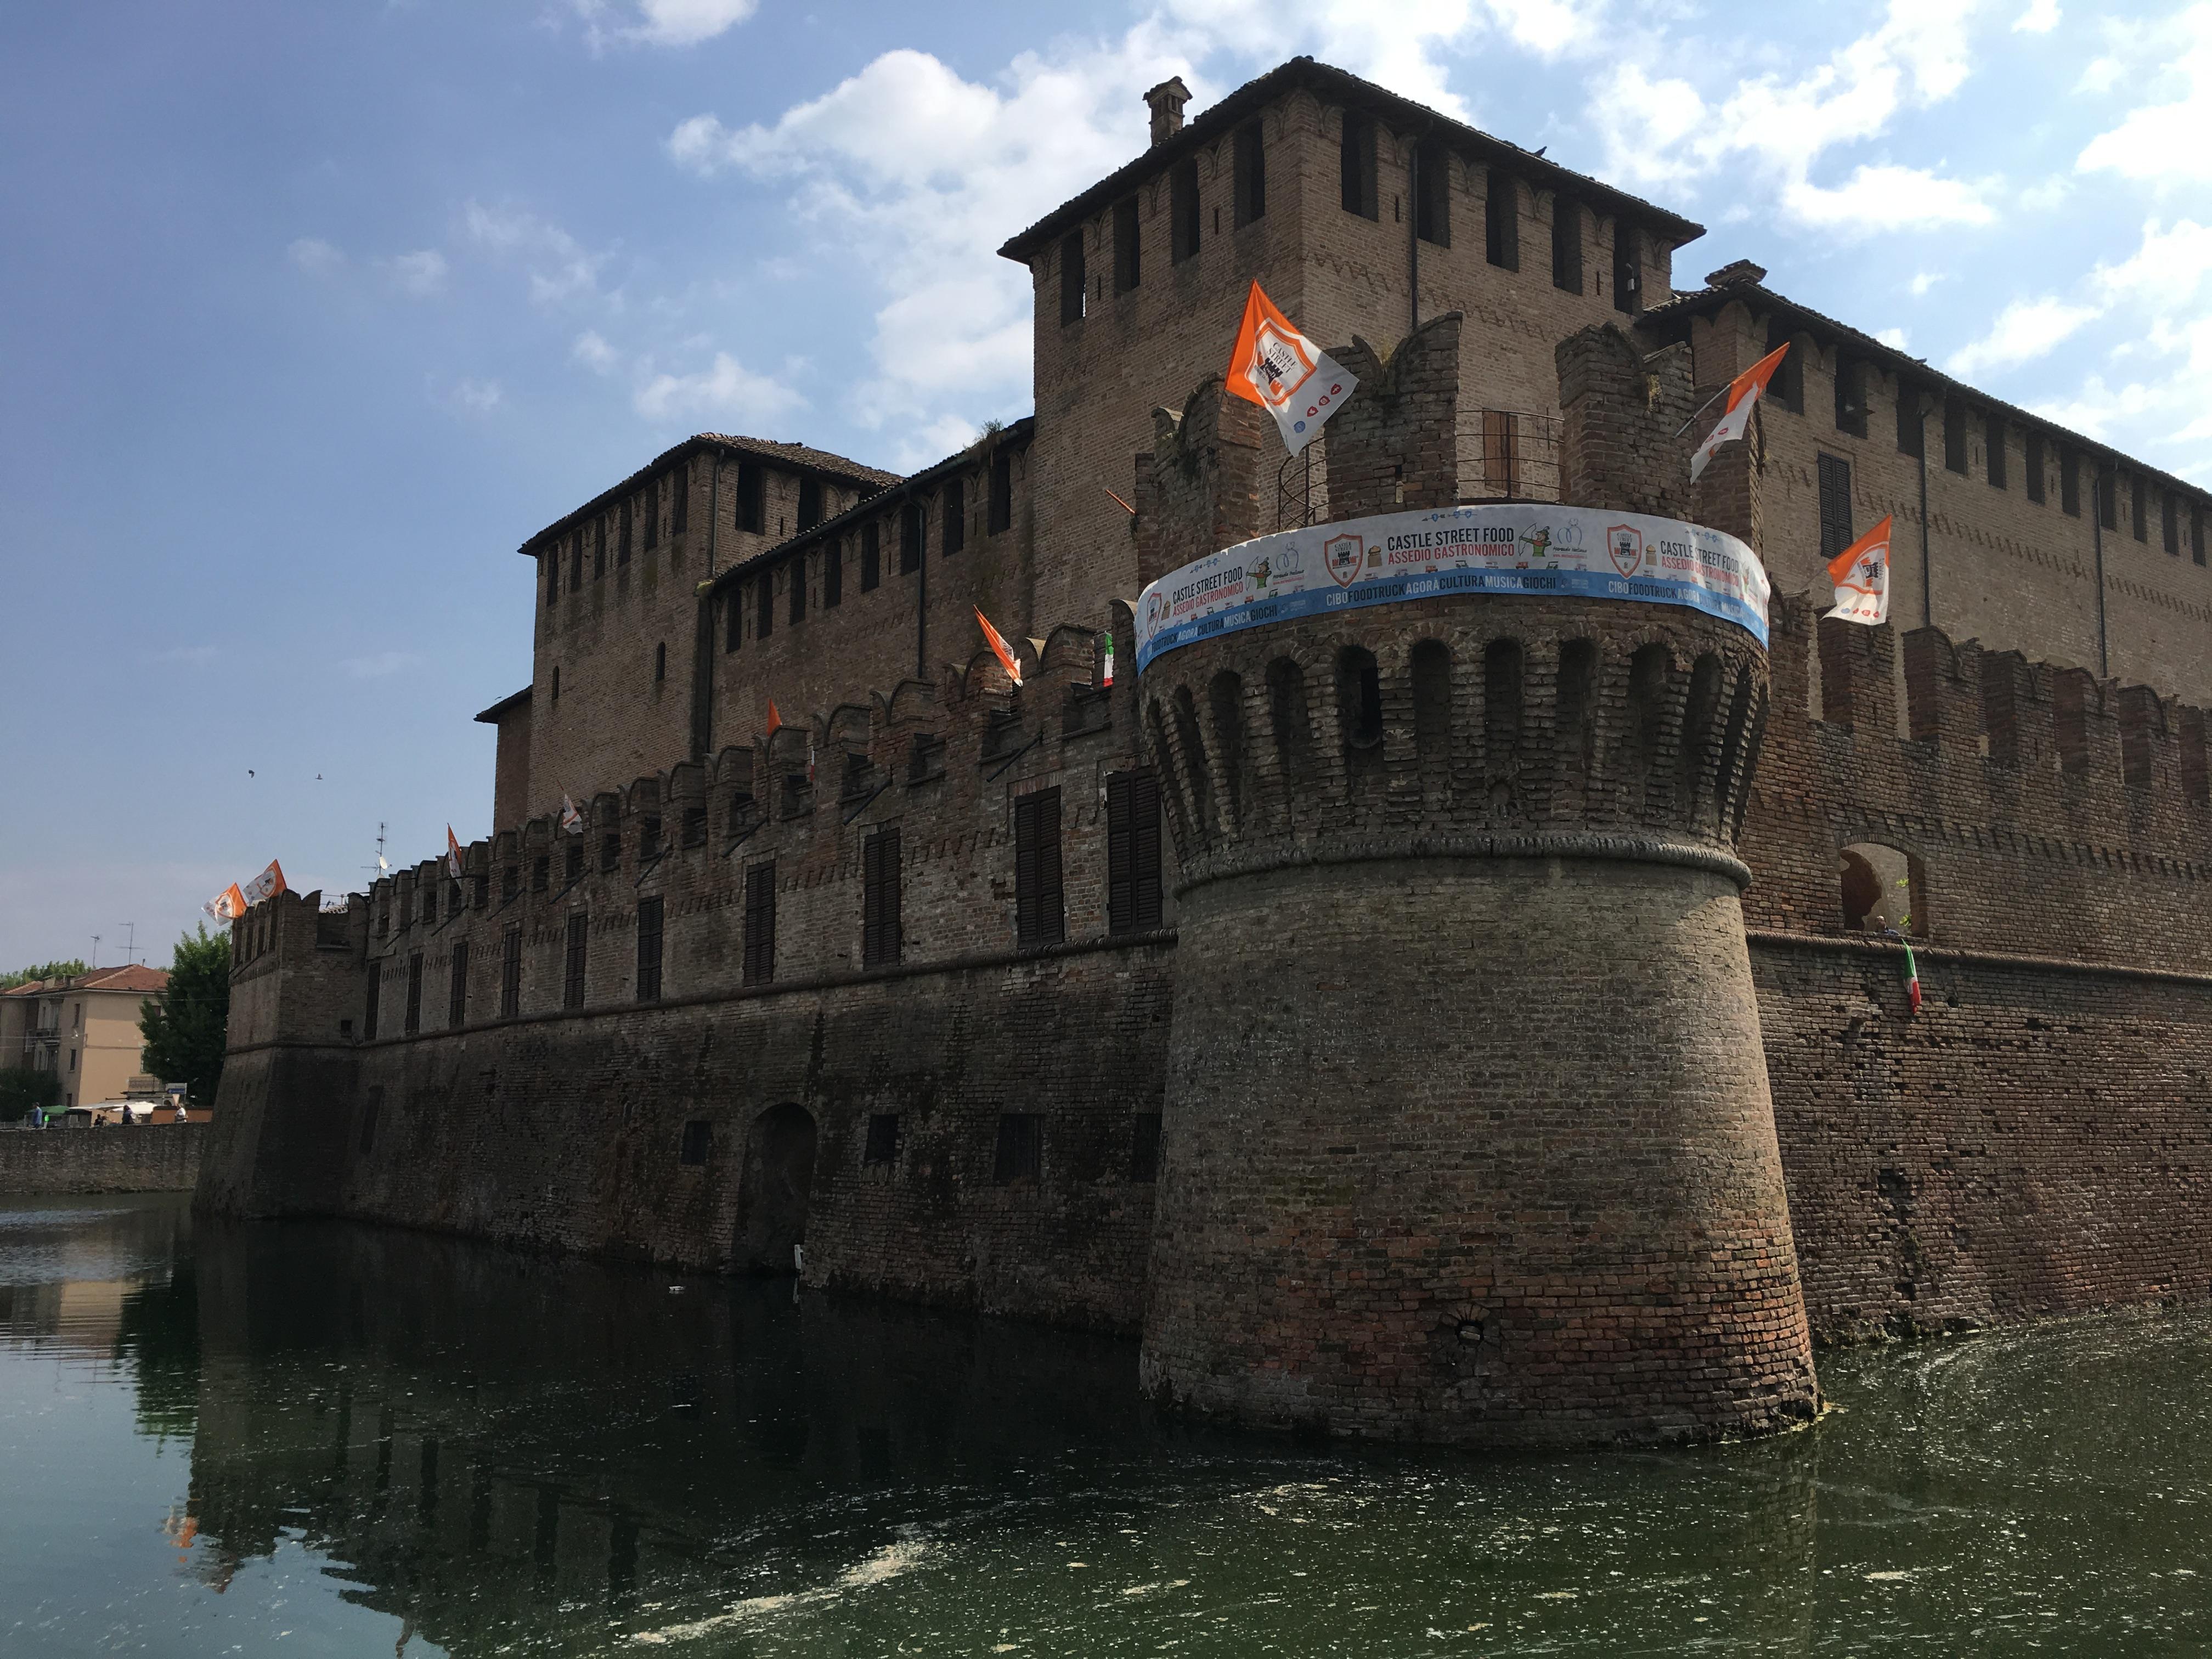 Una camera ottica e magiche visite per bambini al Castello di Fontanellato